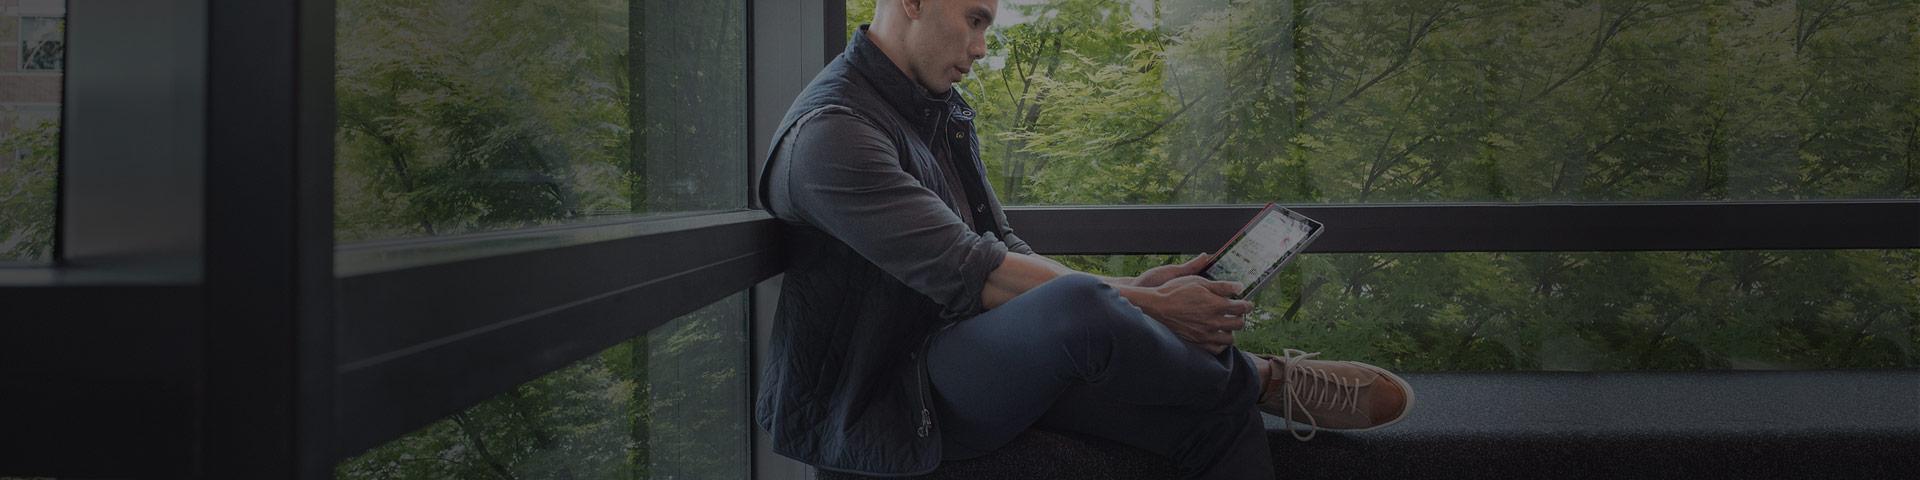 Mężczyzna siedząc na ławce, patrzy na urządzenie, które trzyma w ręku